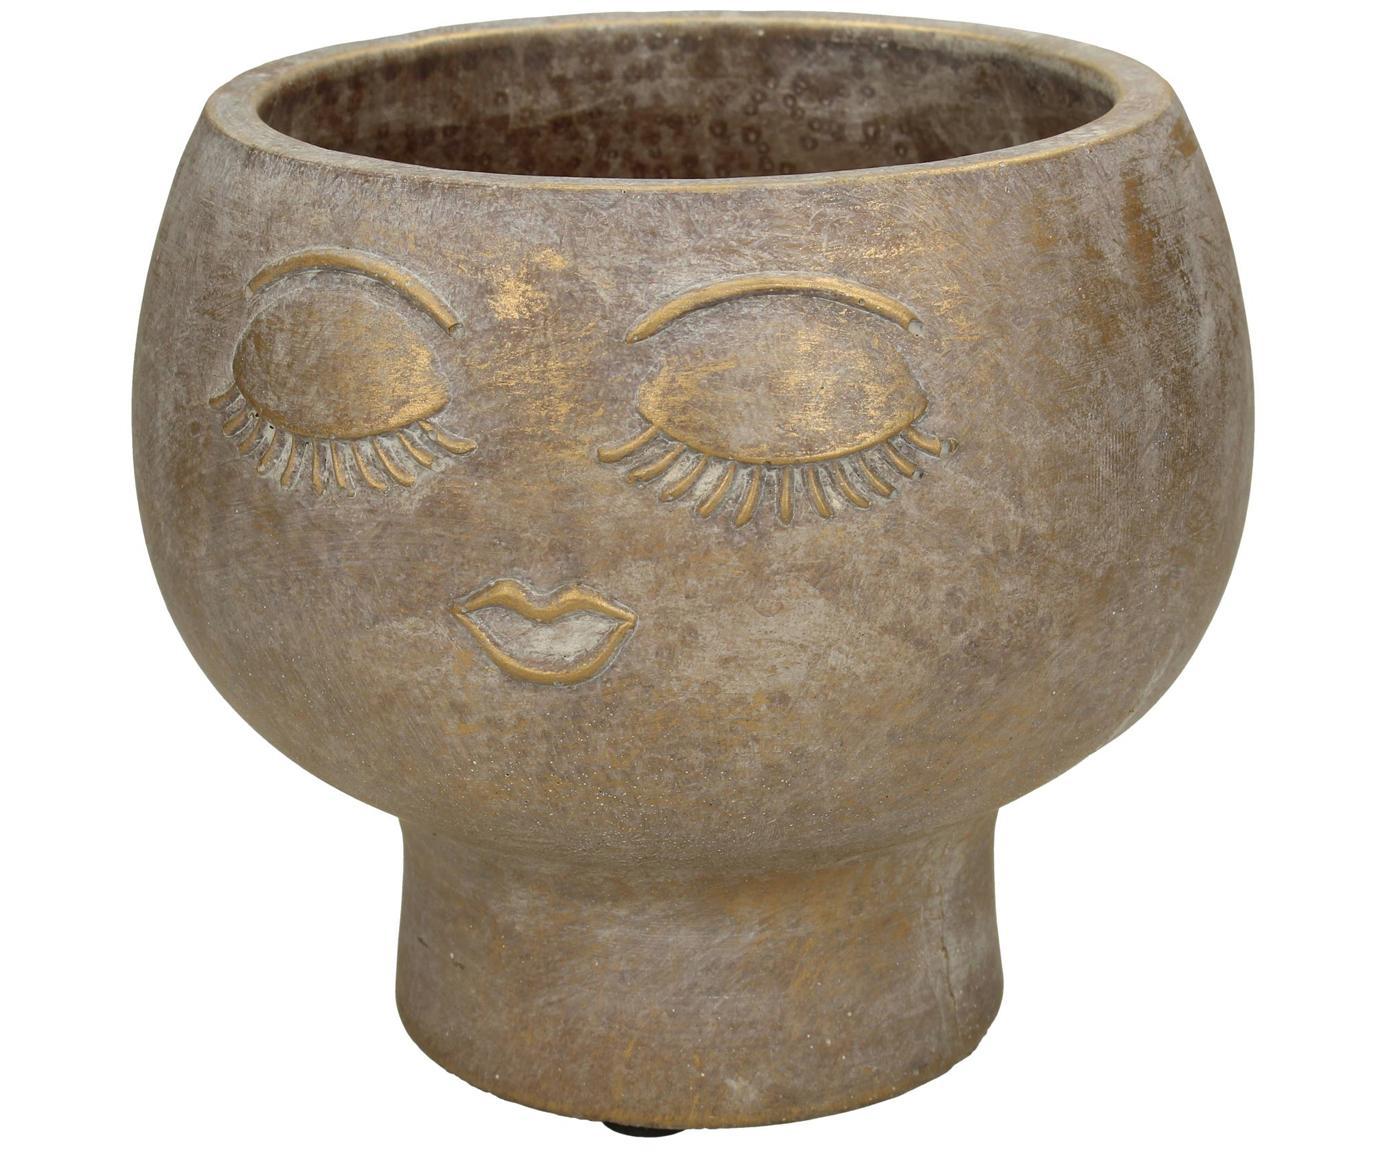 Osłonka na doniczkę Consi, Cement powlekany, Odcienie mosiądzu, Ø 16 x W 17 cm